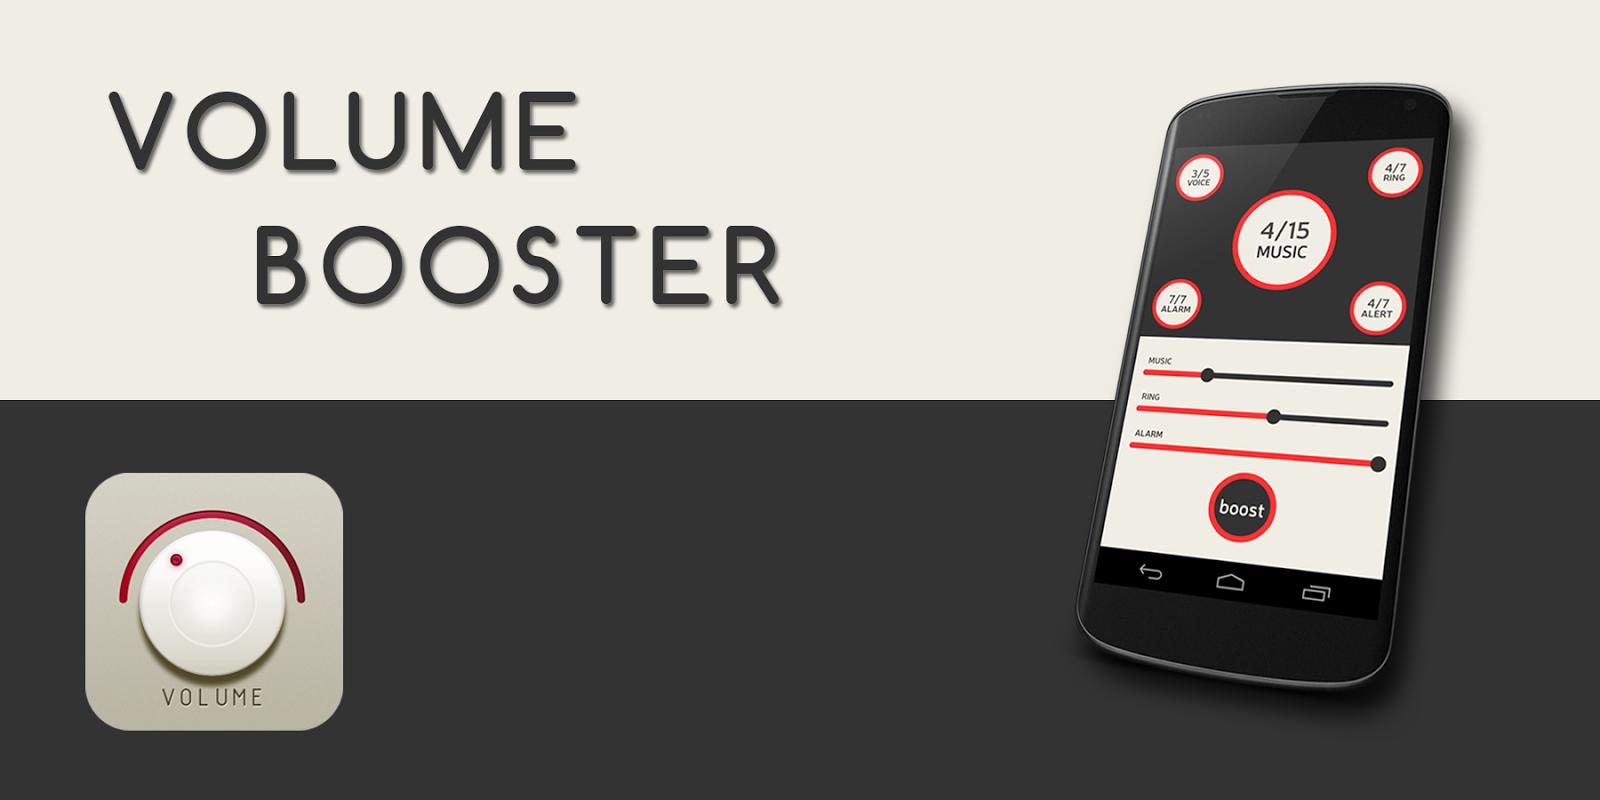 Android Cihazınızın Sesini Arttırın